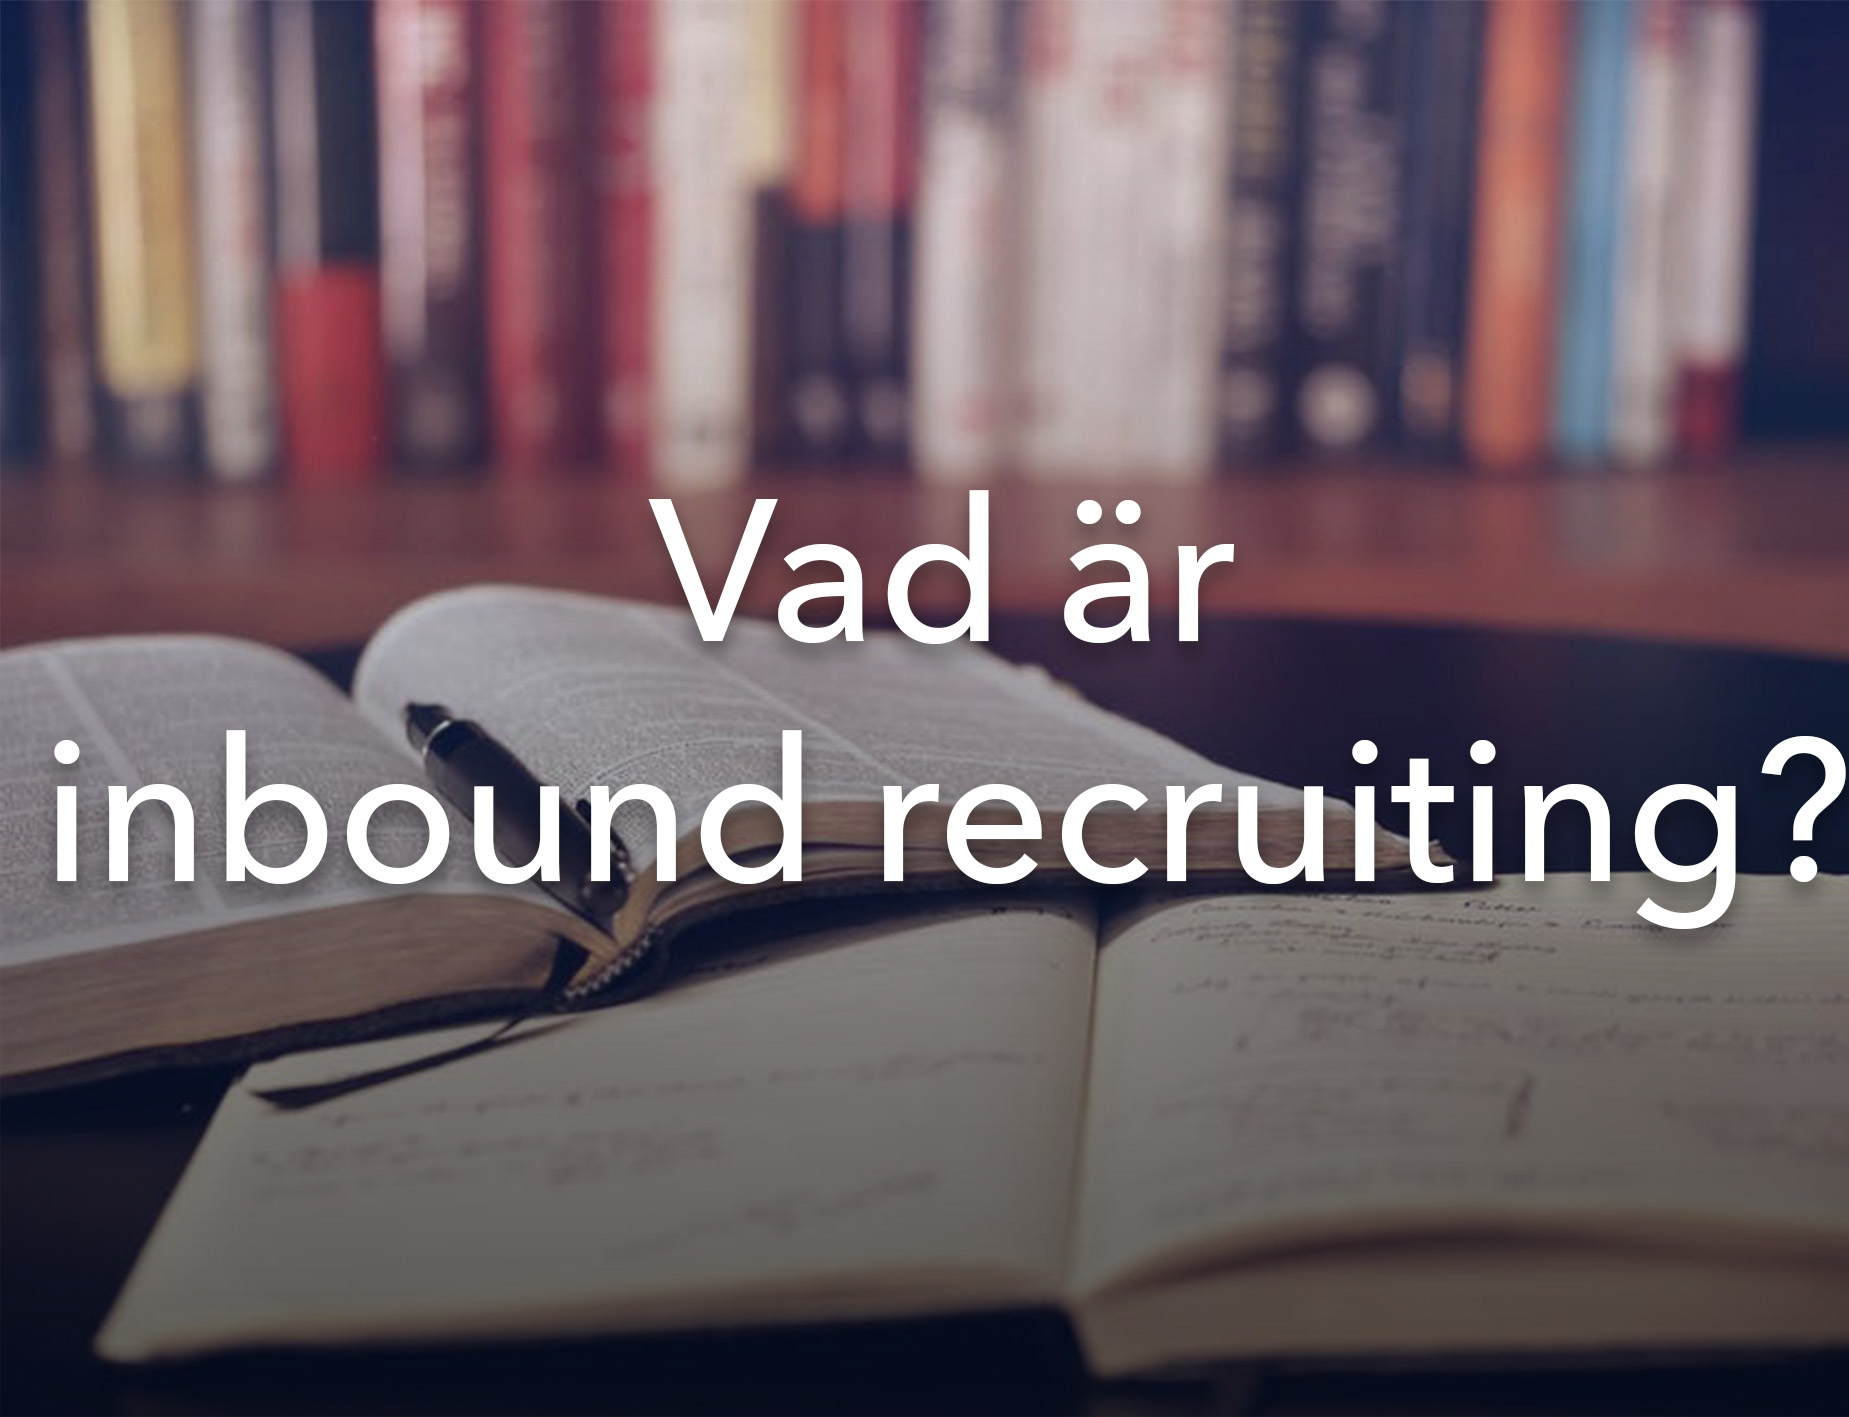 inbound recruiting ad.jpg